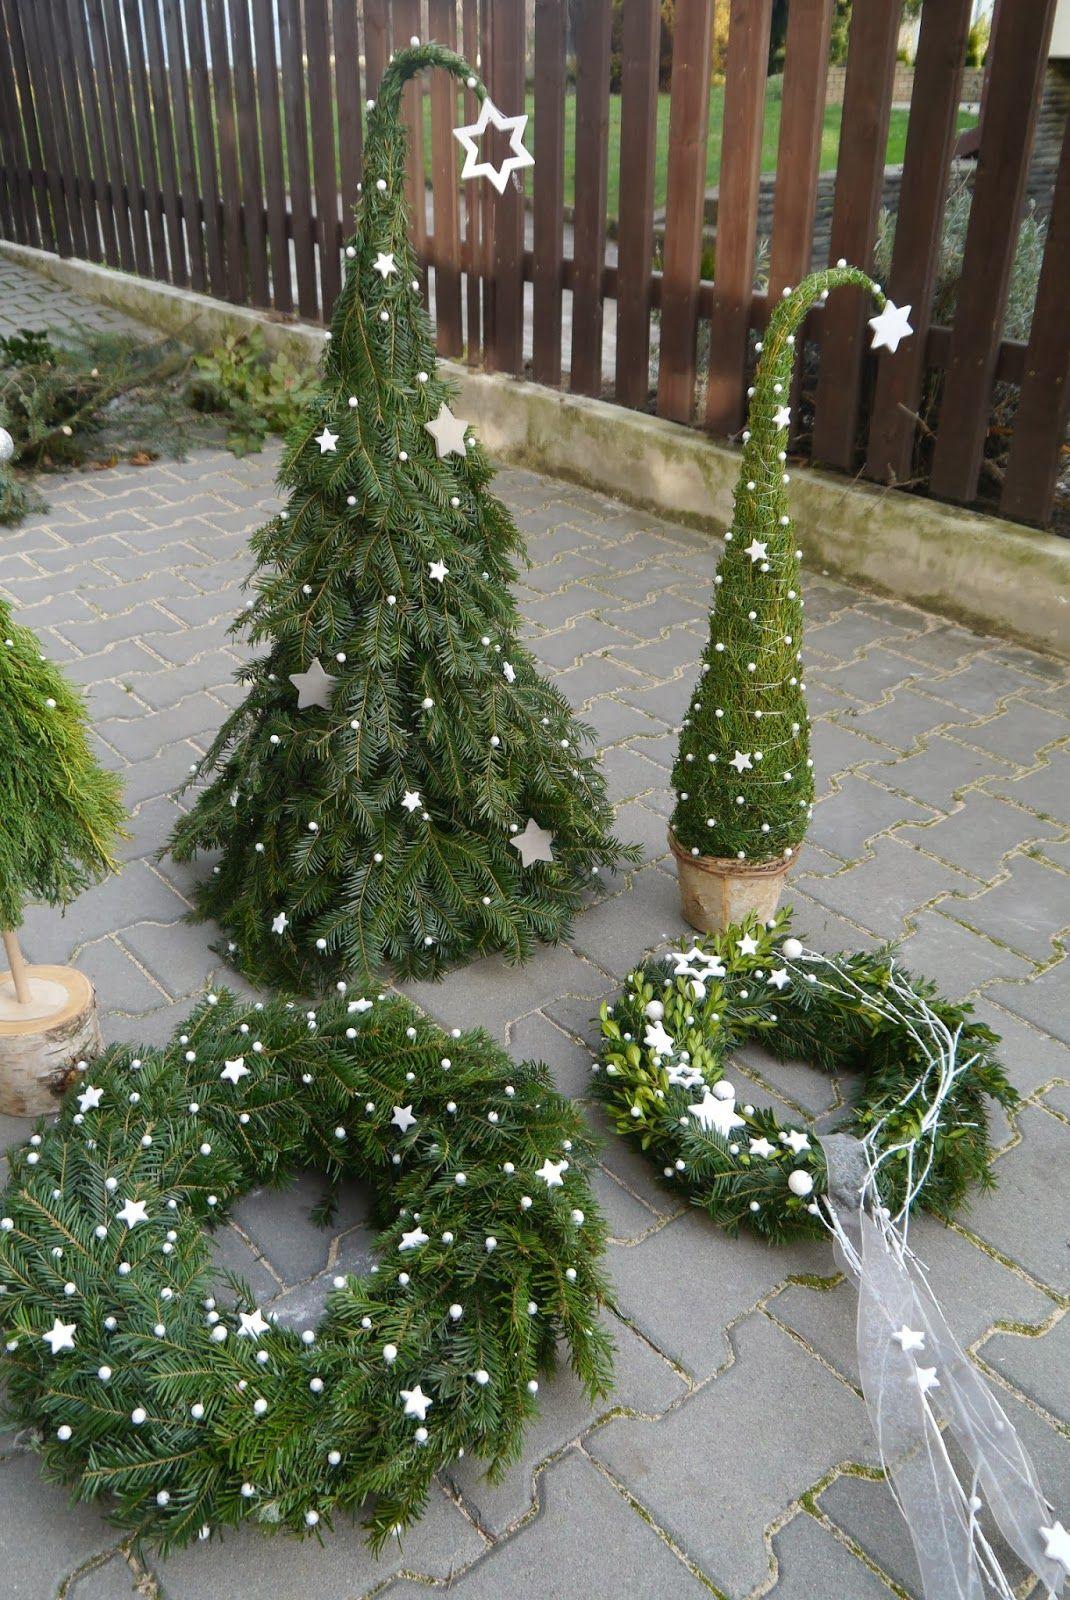 Weihnachtsbaum Med Billeder Udendors Julepynt Juletraeer Diy Julepynt